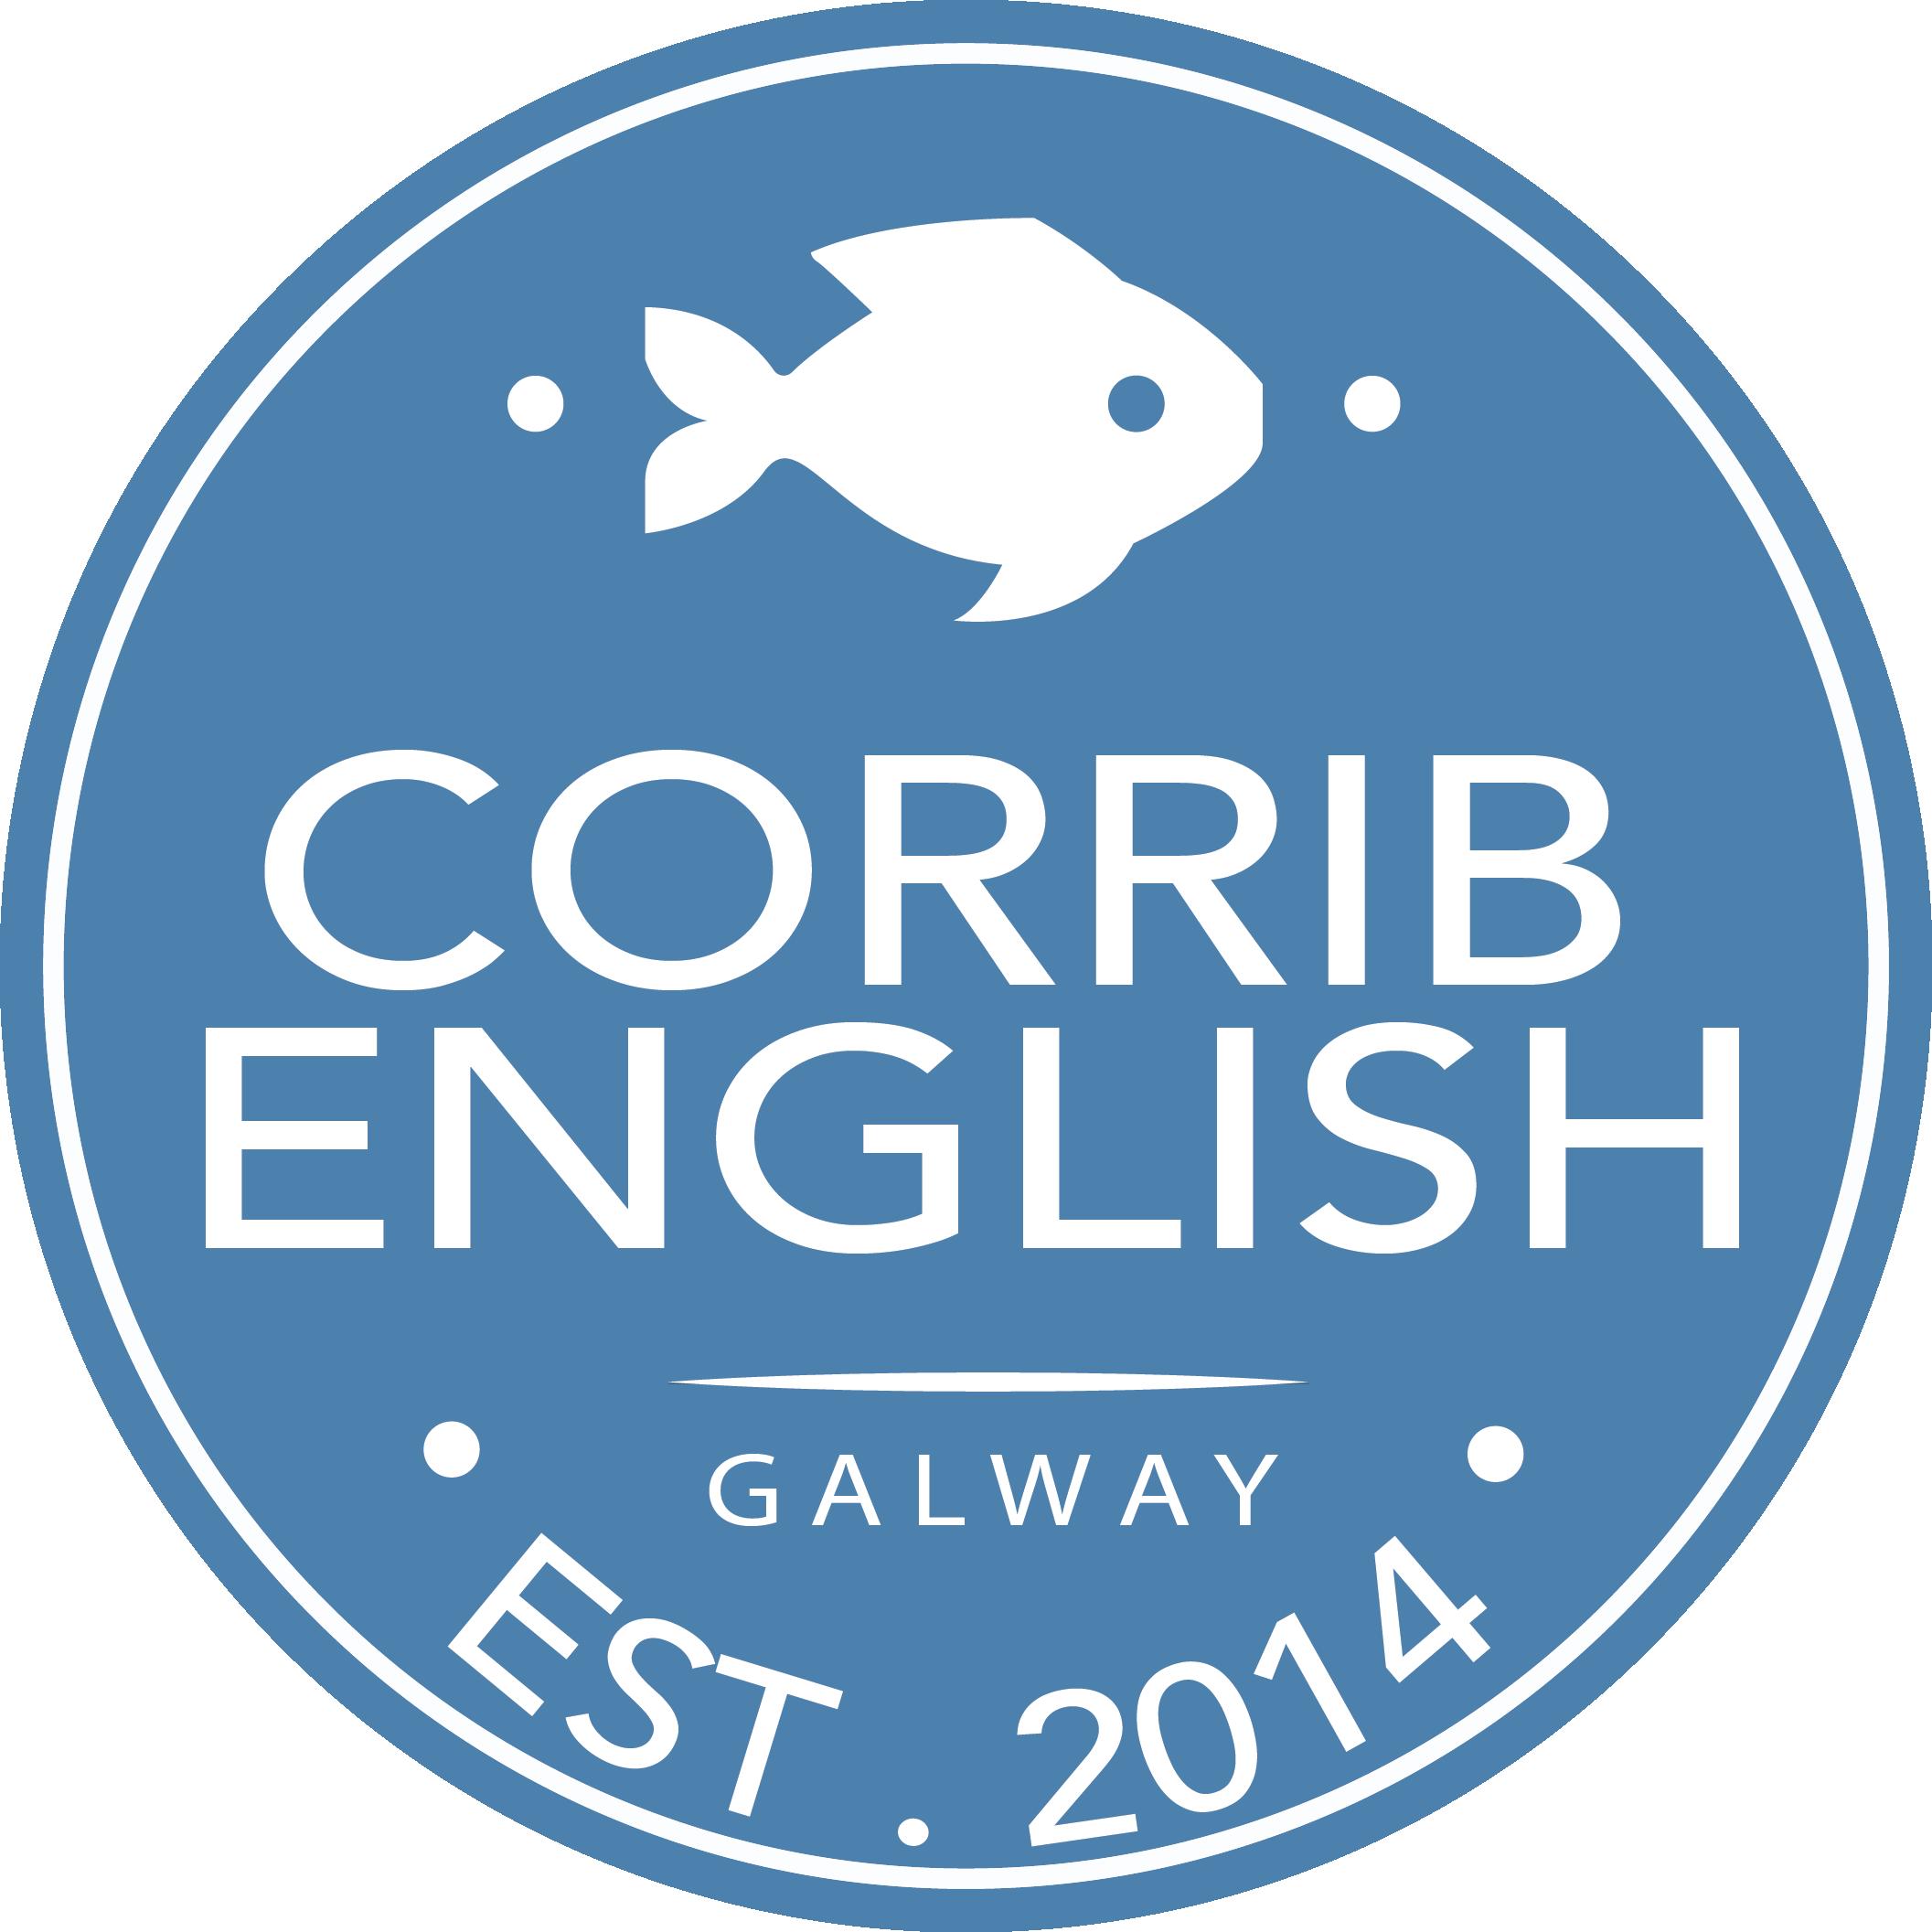 CORRIB ENGLISH